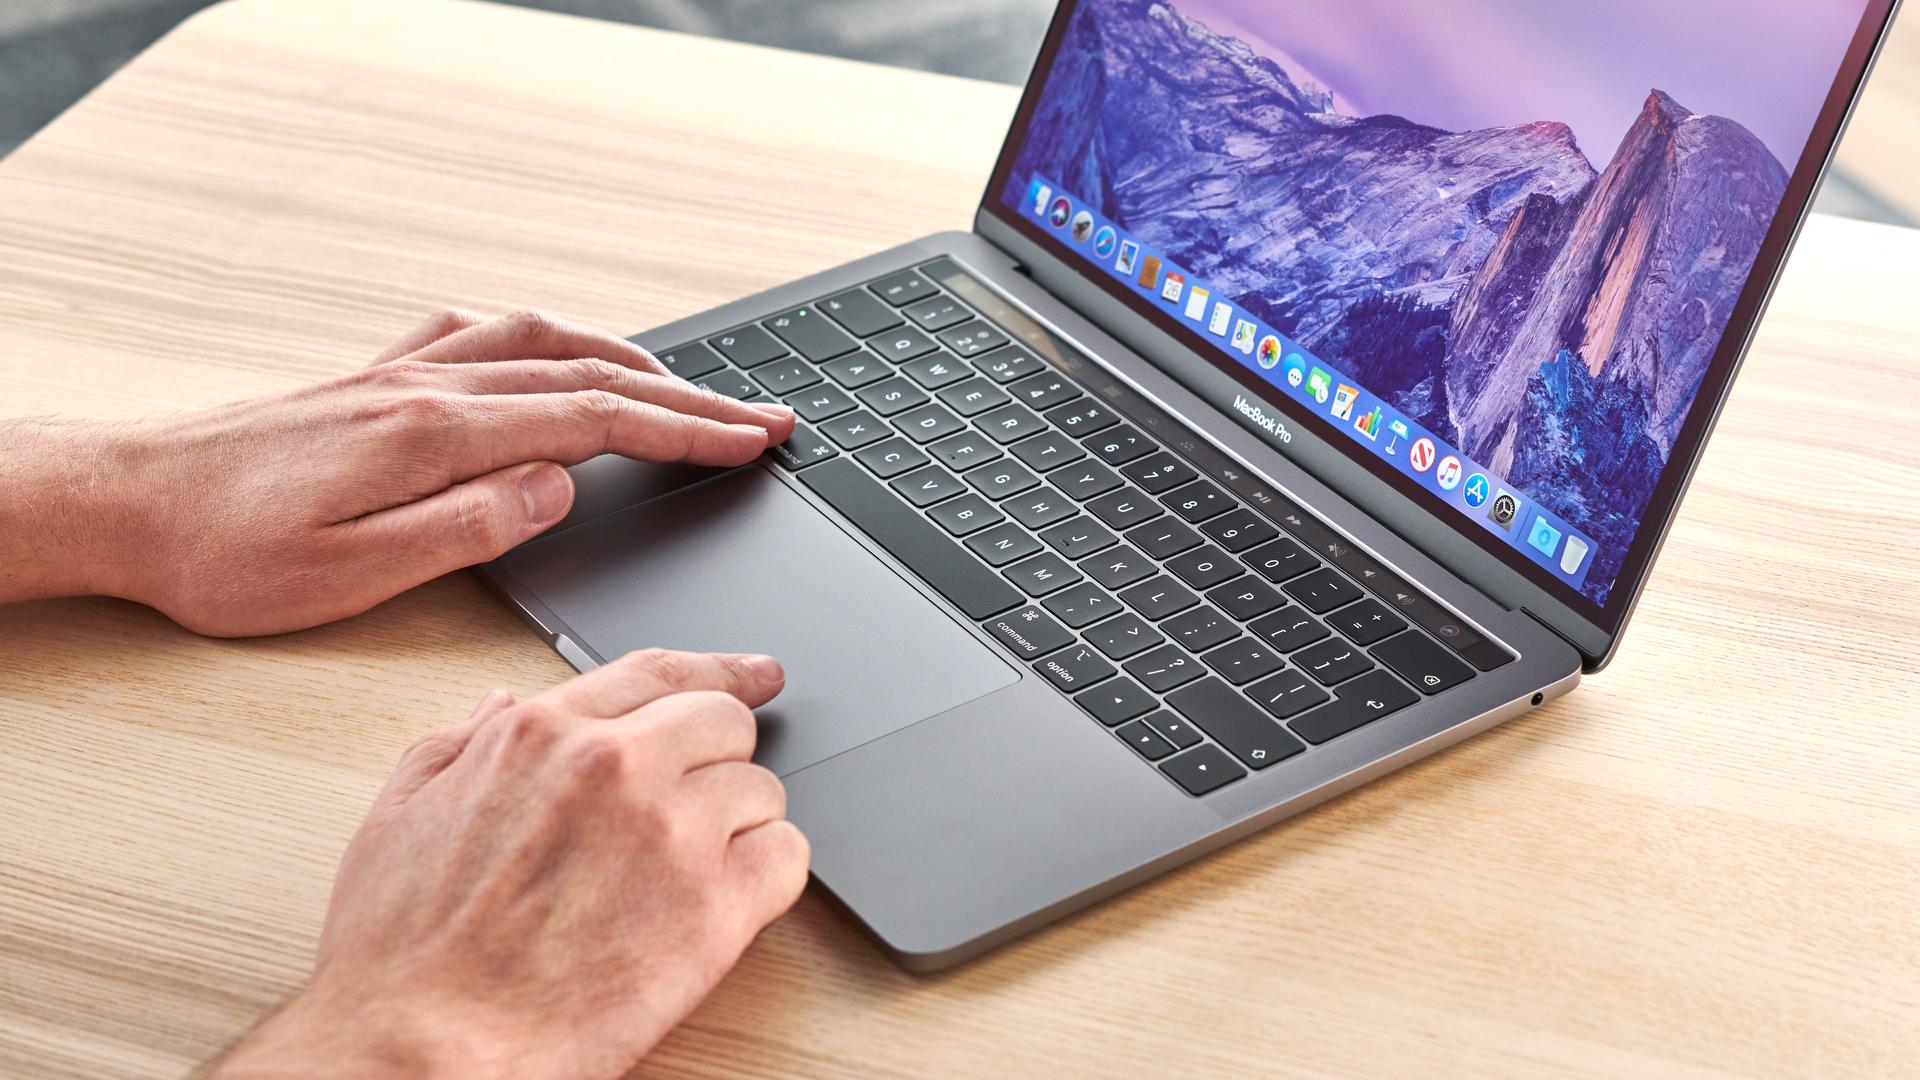 MacBook Pro (13-inch, 2019)